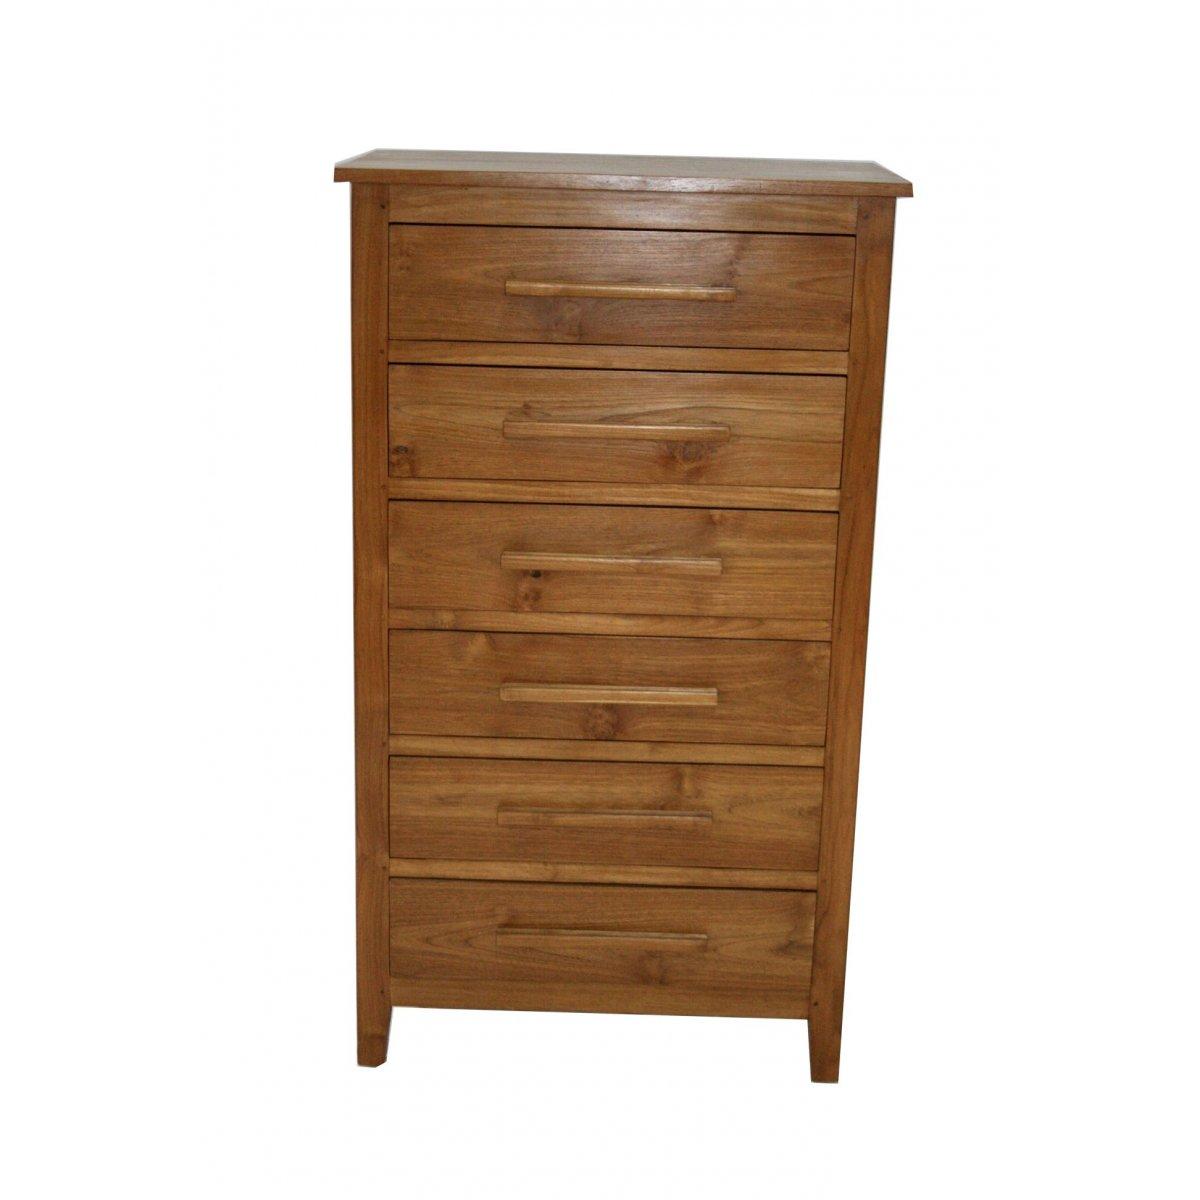 cassettiera modello Amalfi in legno di tek